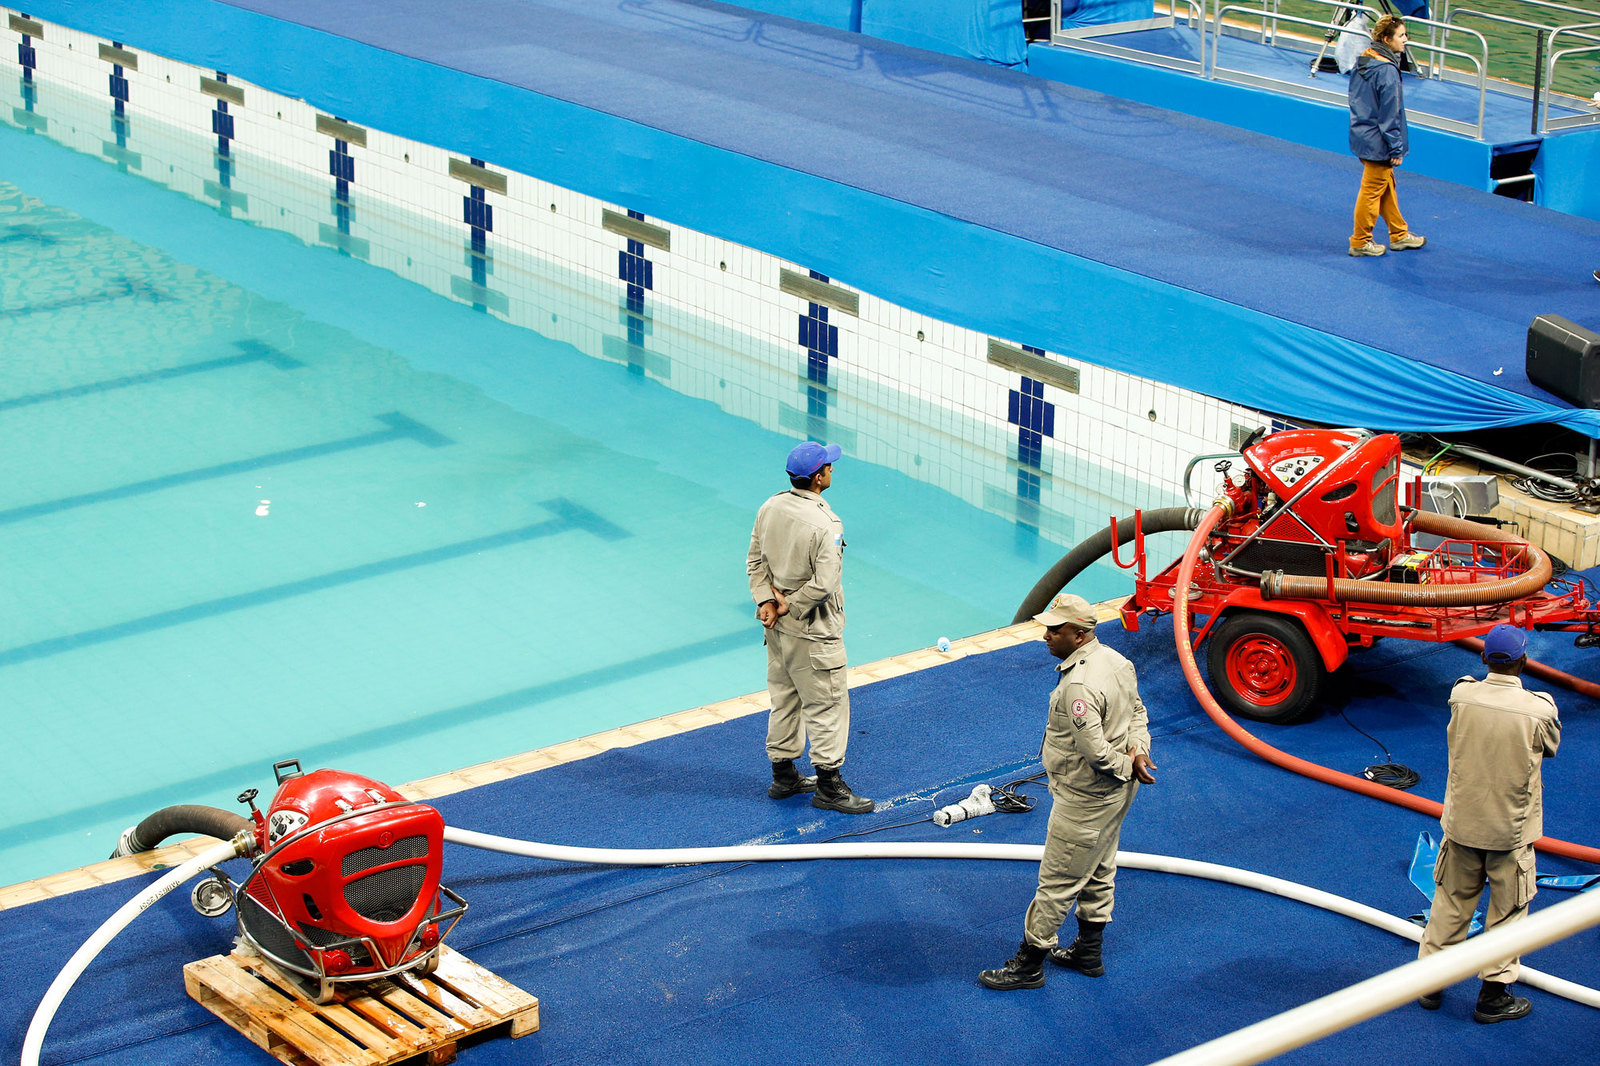 После того, как вода в олимпийском бассейне стала молочного цвета, организаторами было решено откачать ее и залить чистую из тренировочного бассейна